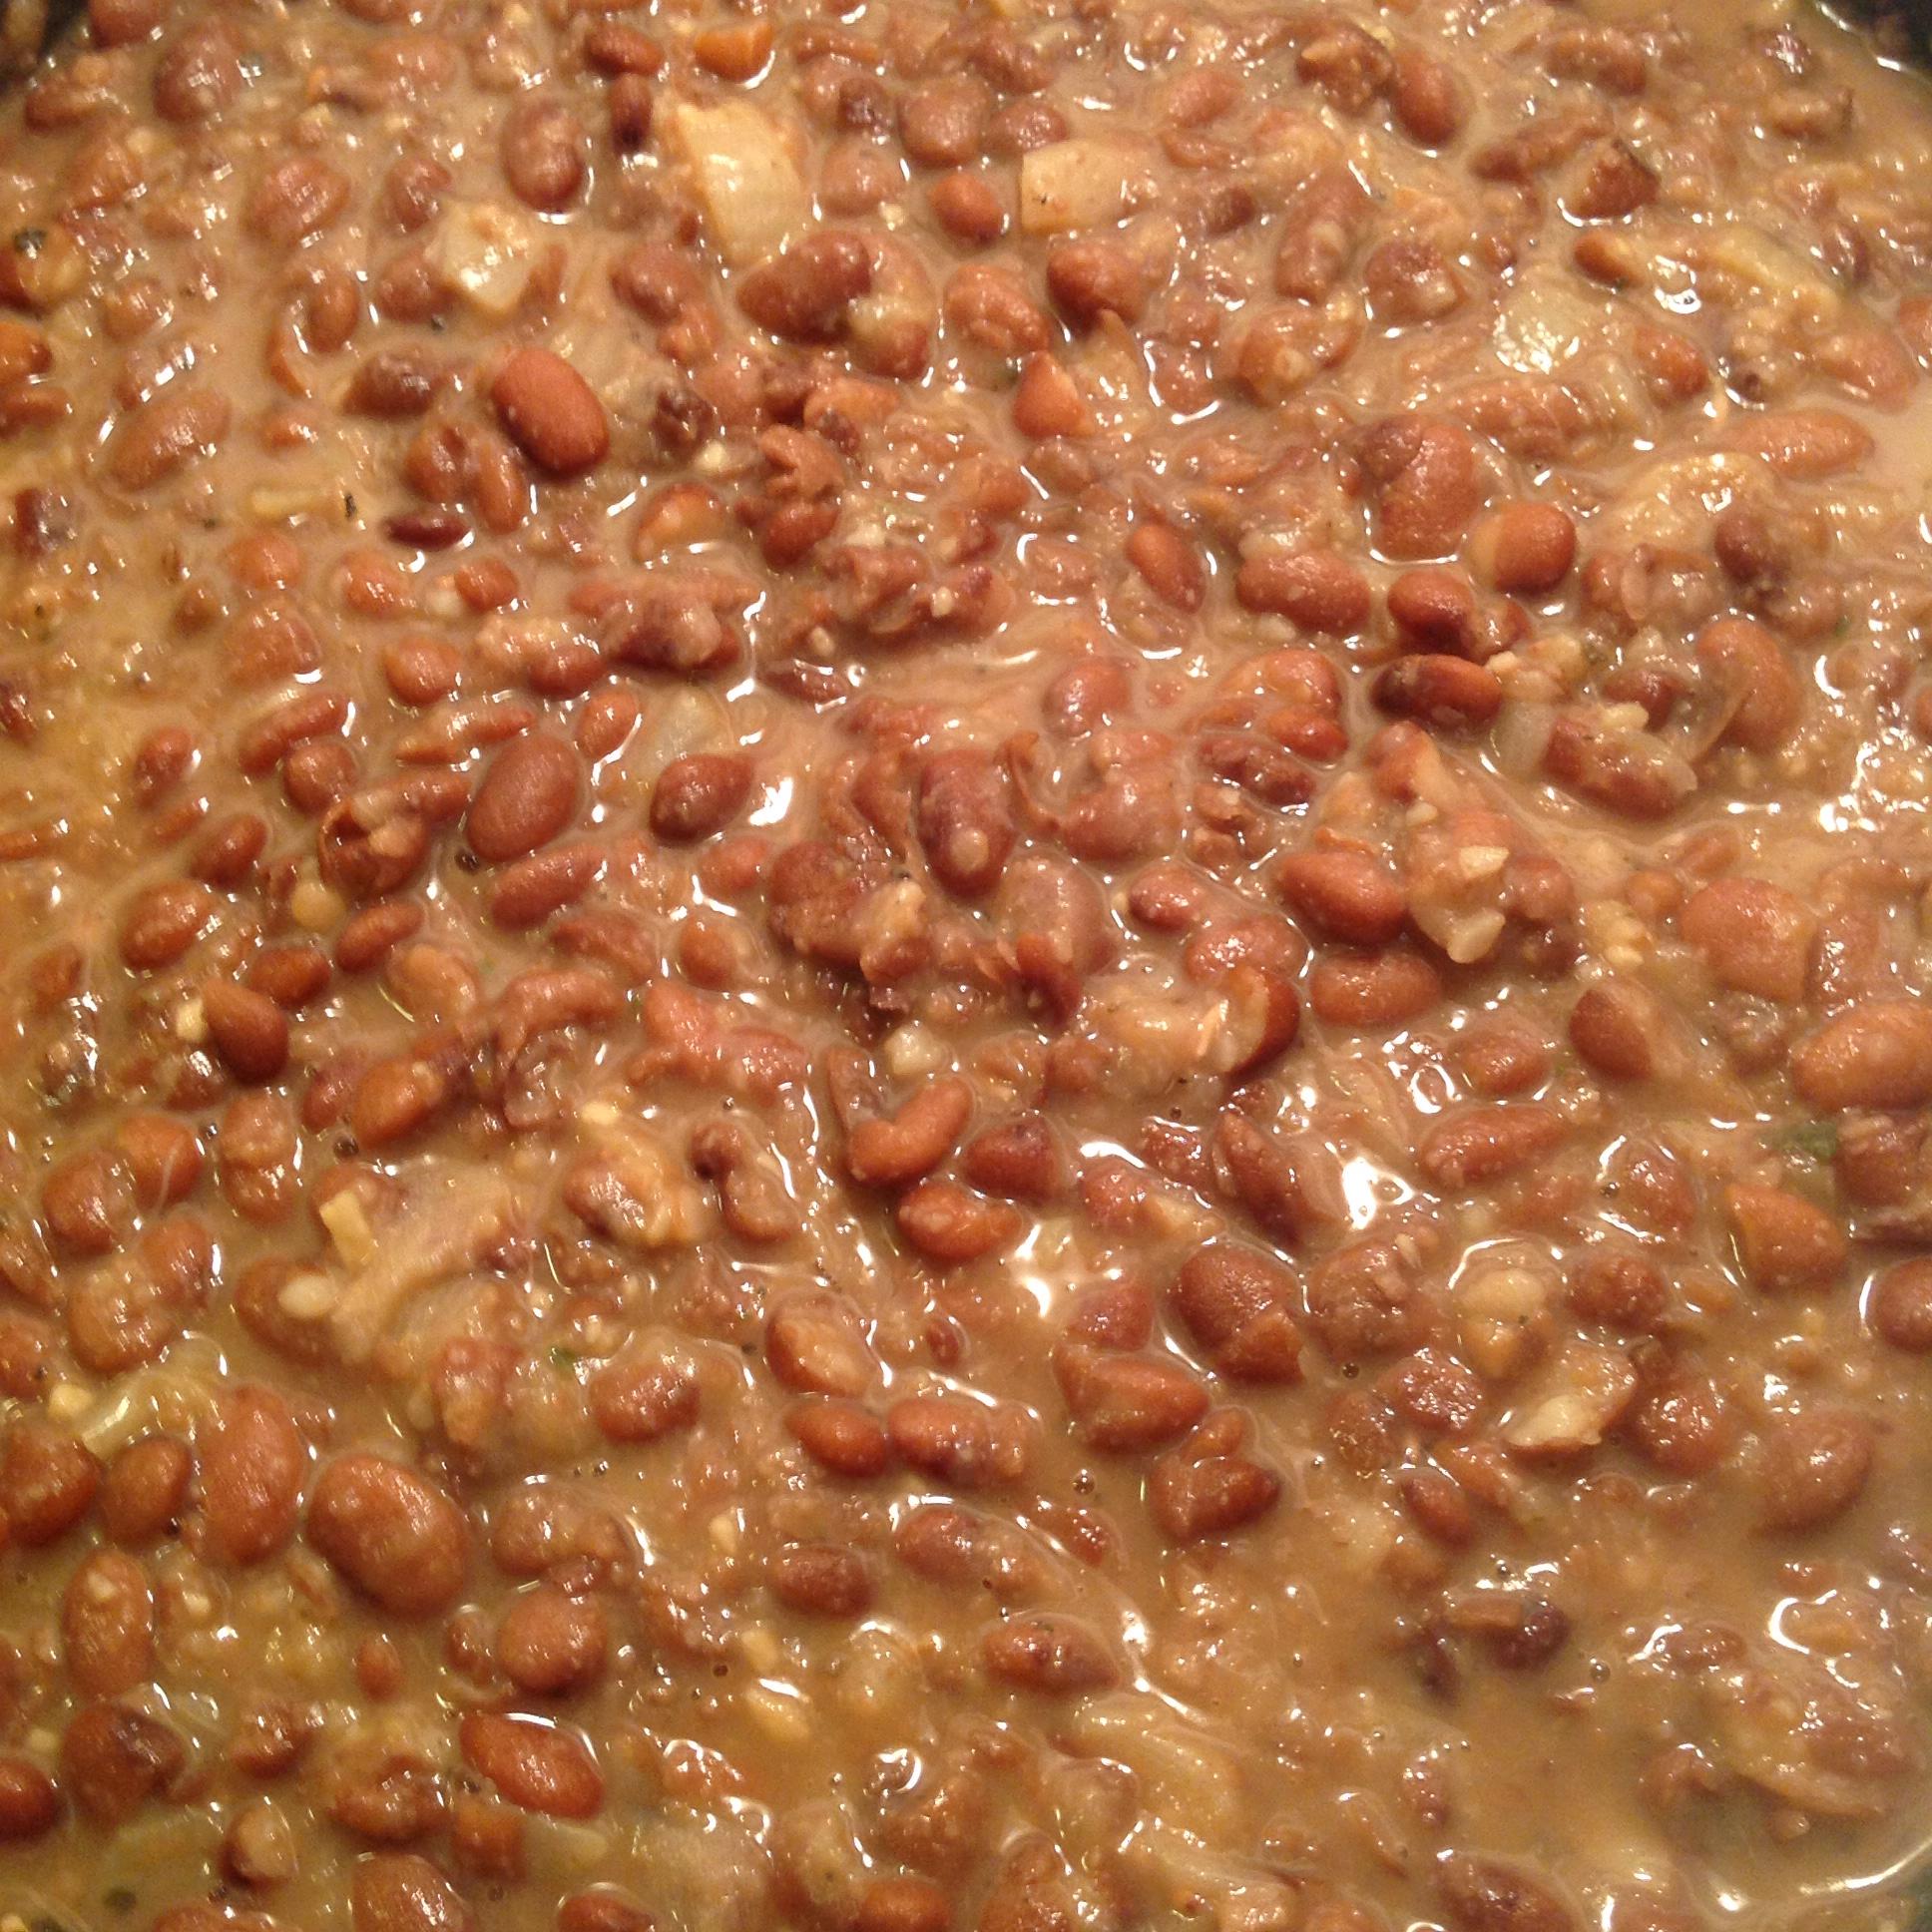 Chef John's Refried Beans Mihaela Blackmore